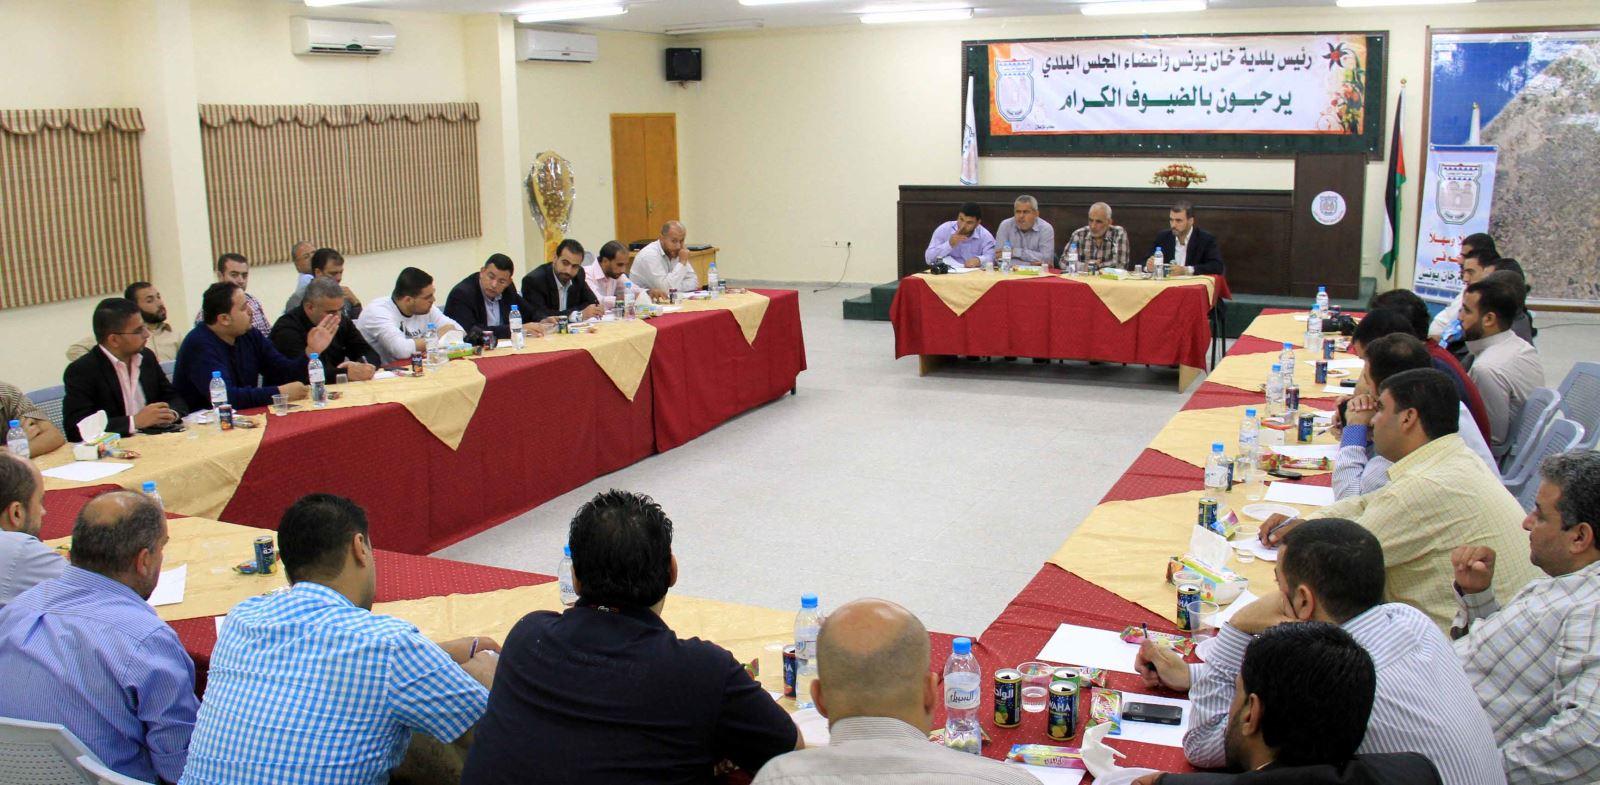 لقاء بلدية خان يونس مع مدراء المواقع العائلية